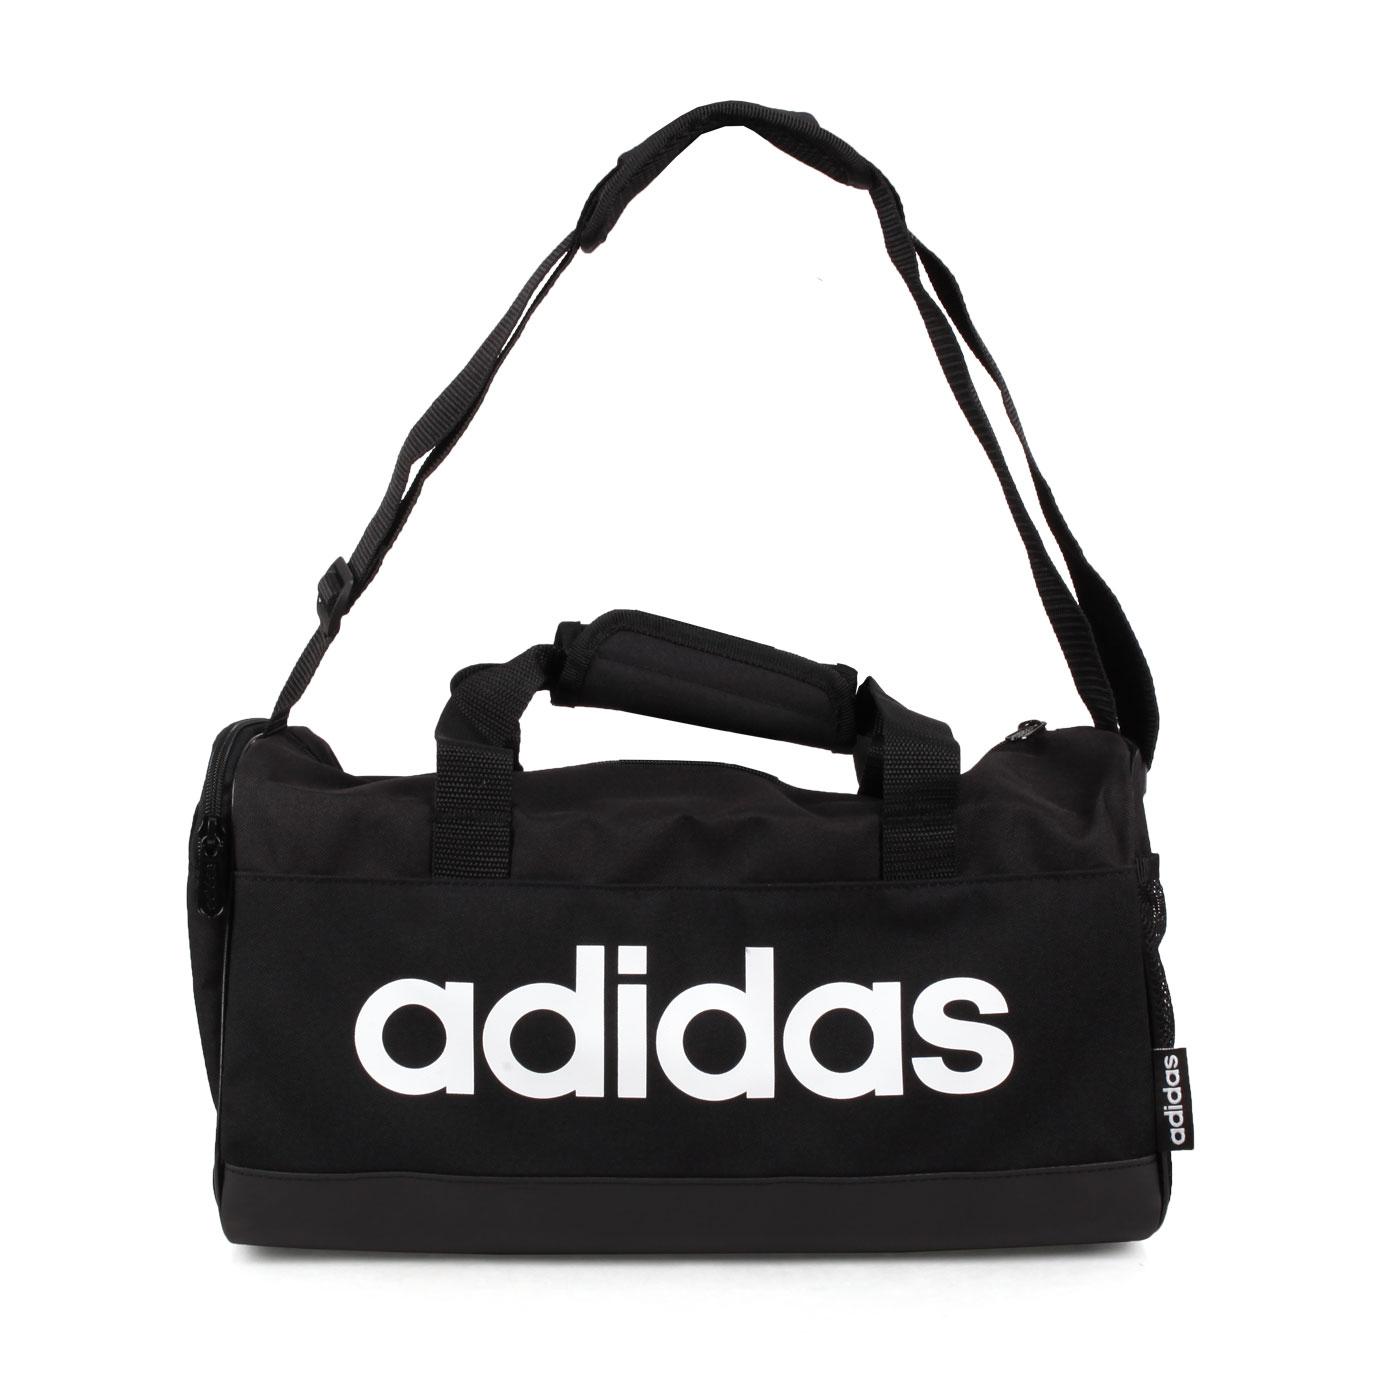 ADIDAS 中型旅行袋 FL3691 - 黑白